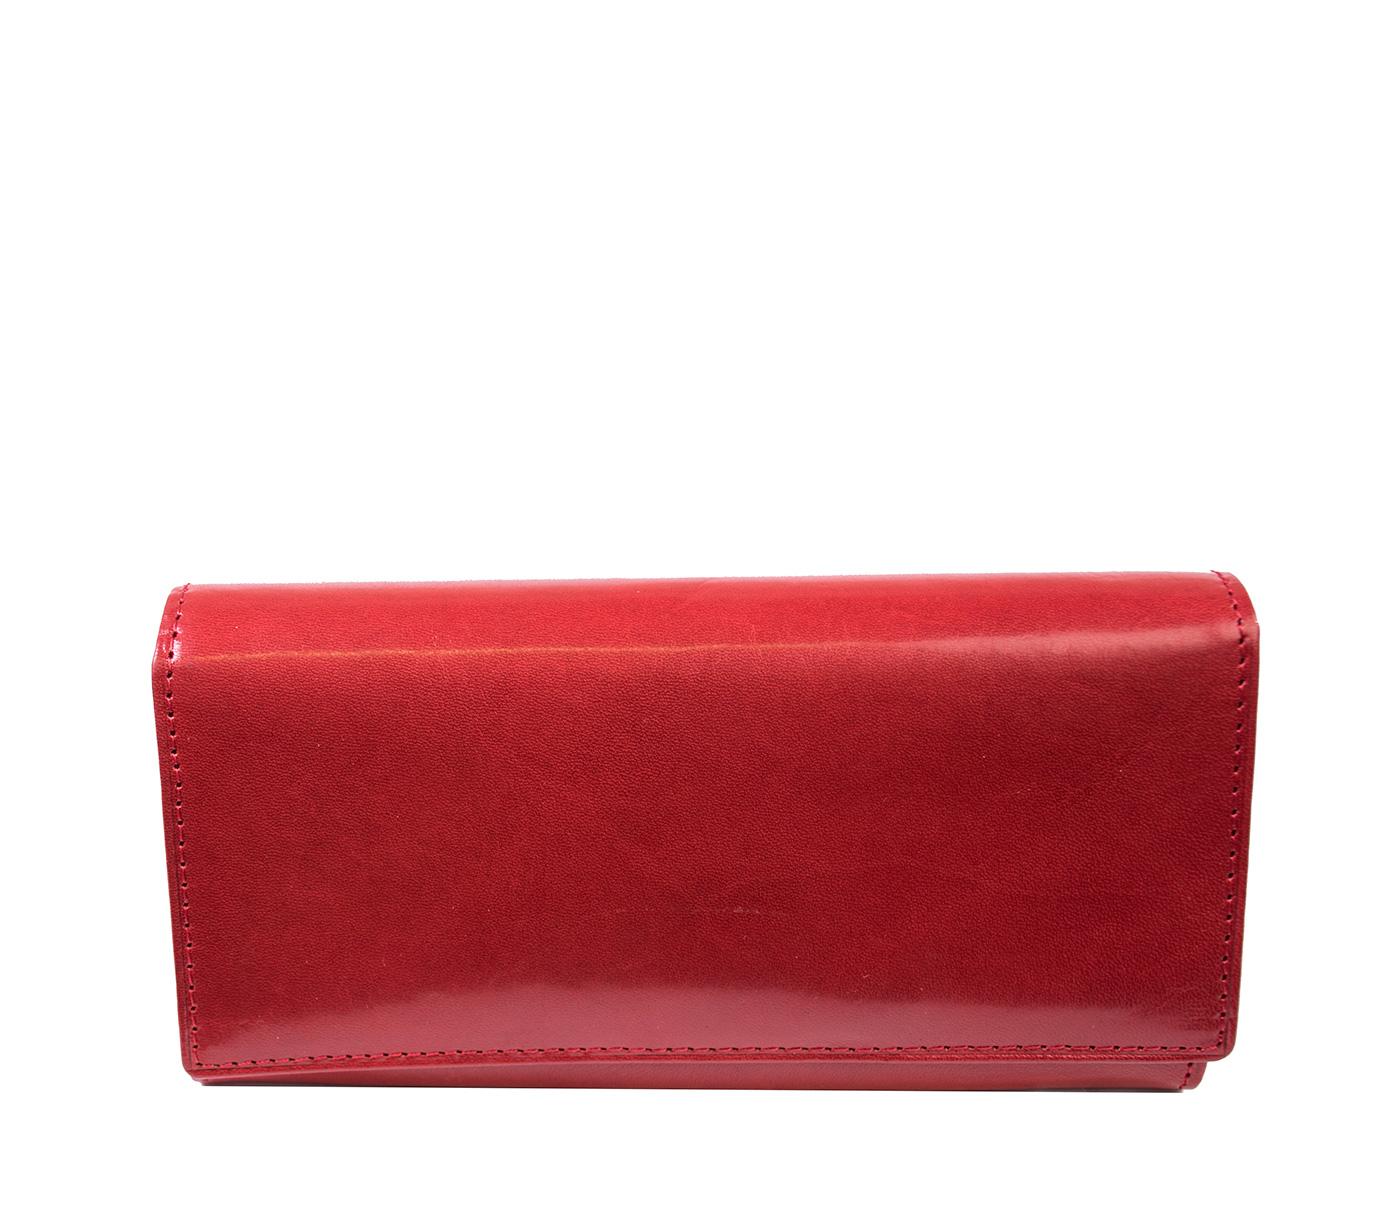 Bags and more Keira Piros Női Pénztárca